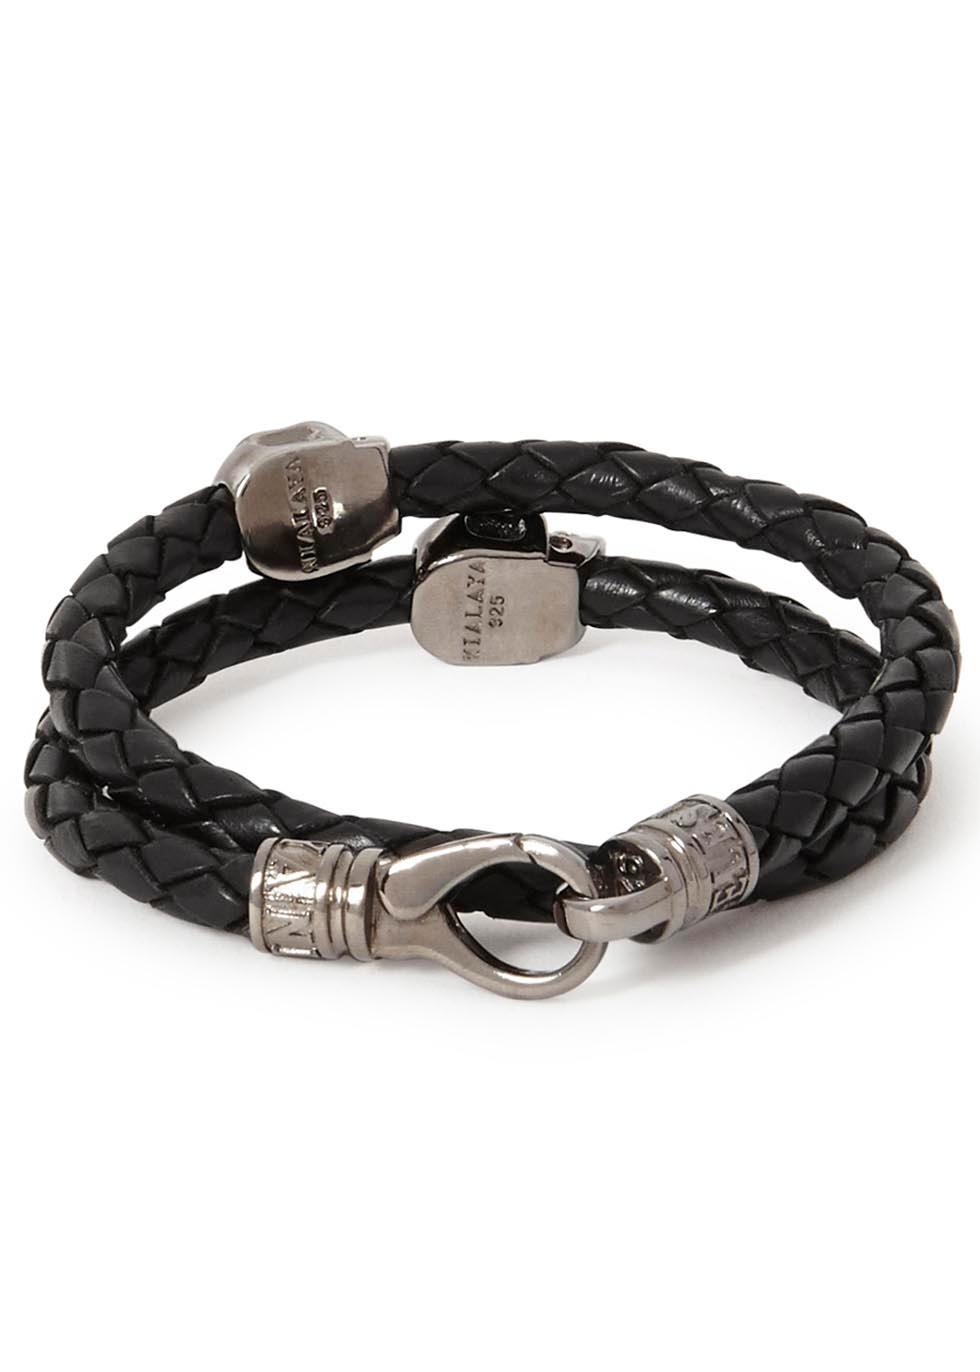 Black skull-embellished leather bracelet - Nialaya